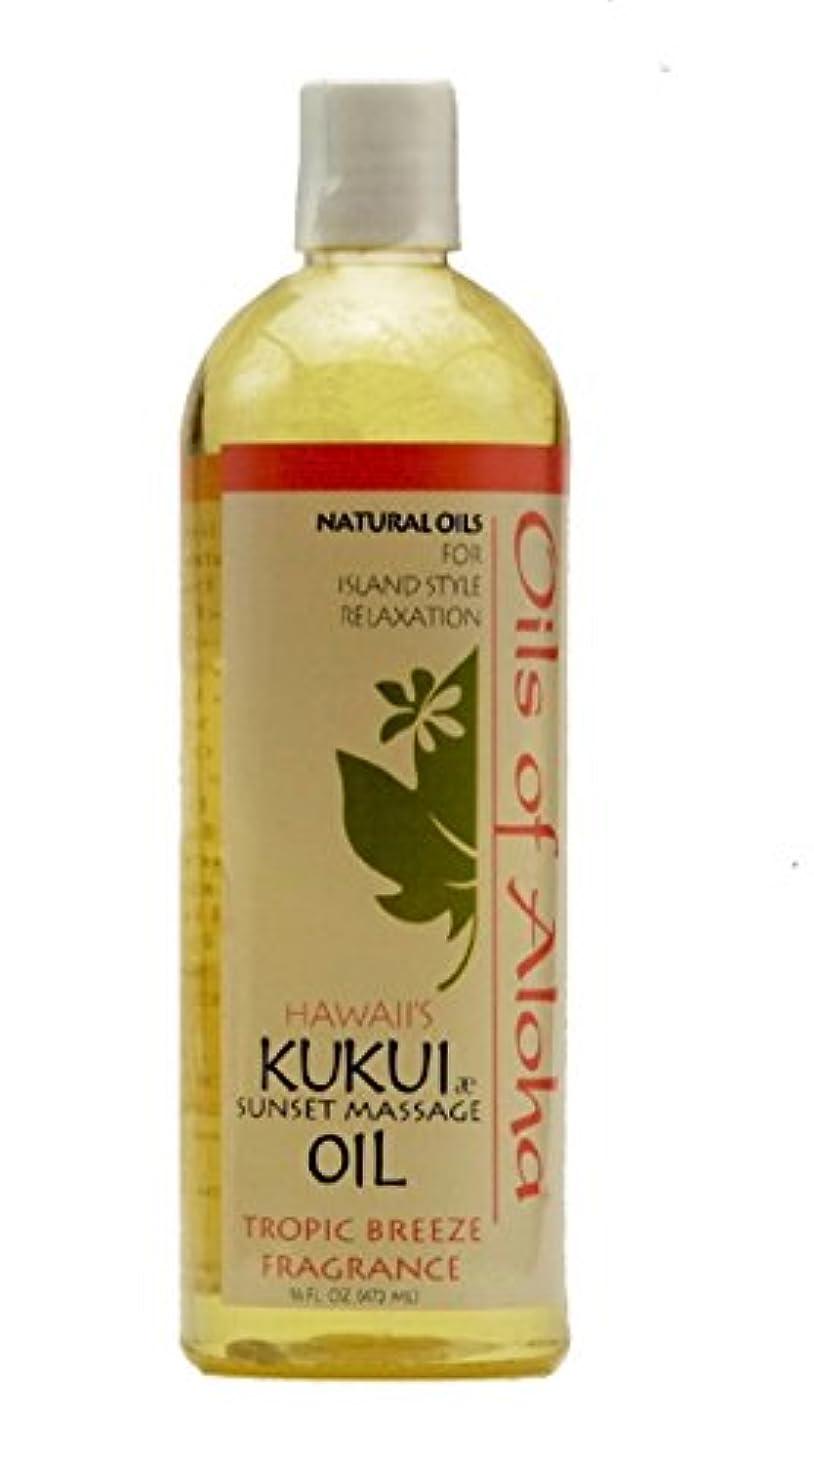 くしゃみ品失うKukui Sunset Massage Oil/Tropic Breeze Fragrance 472ml/16oz